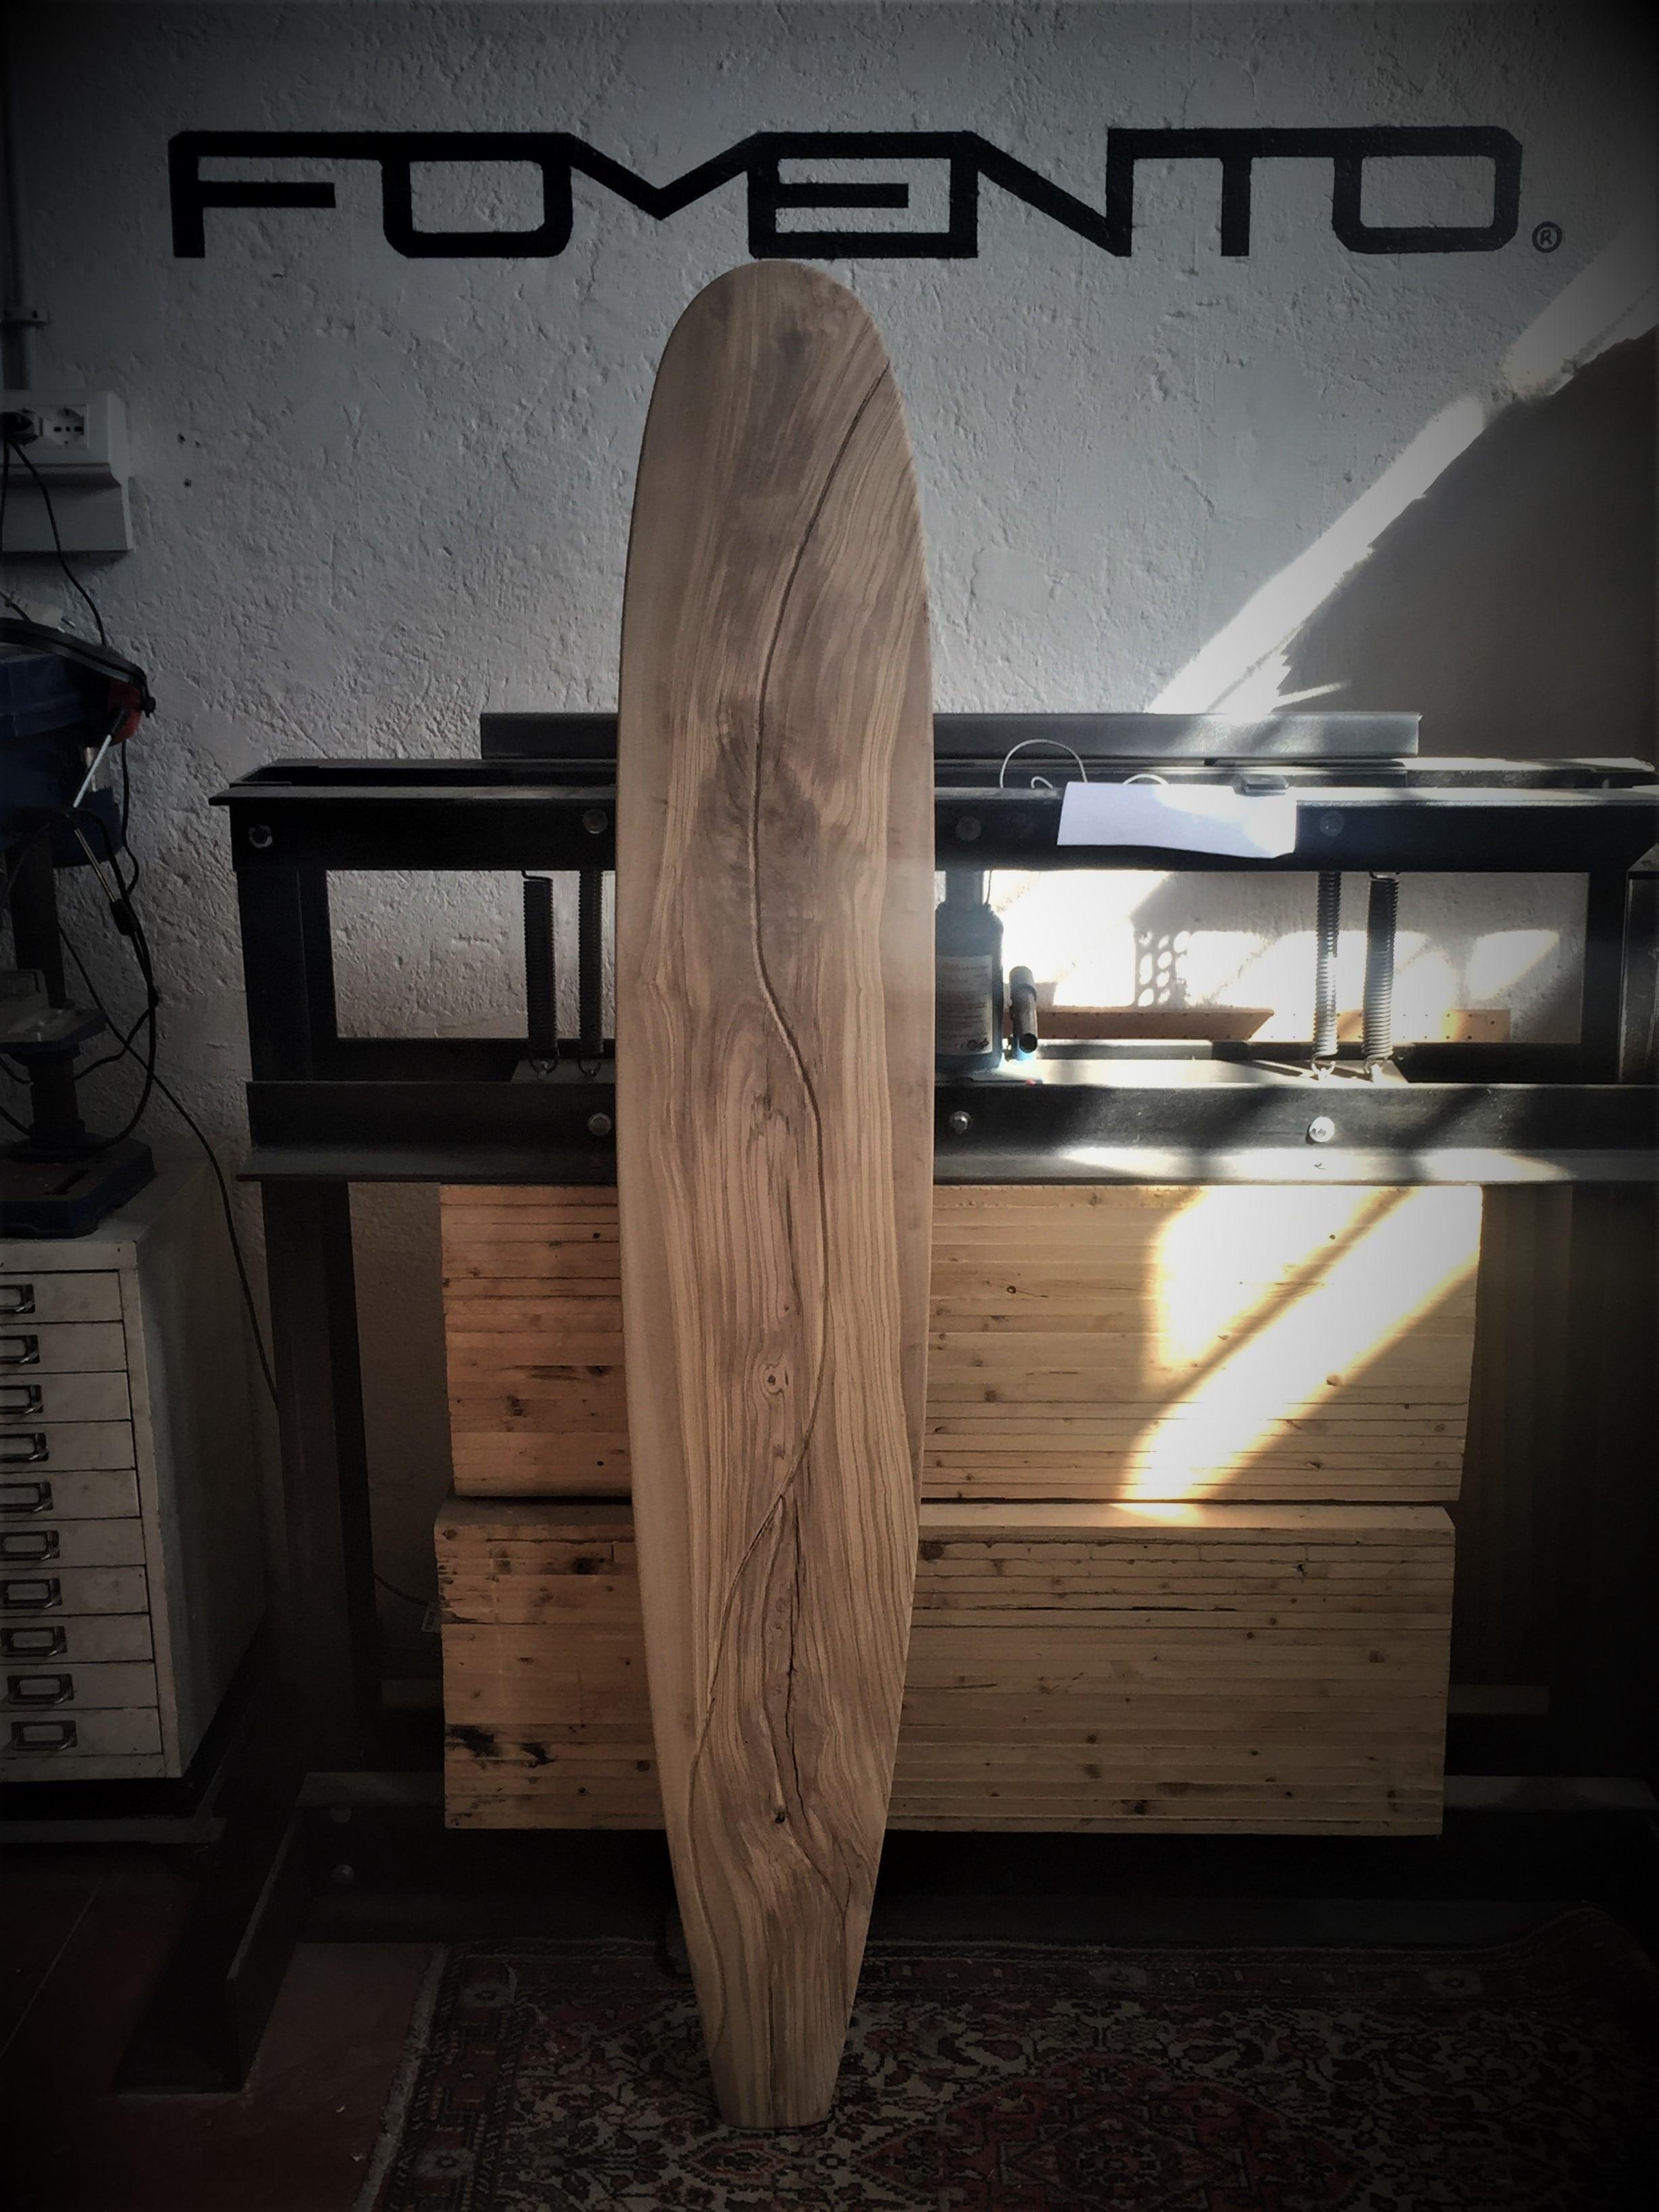 longboard fomento